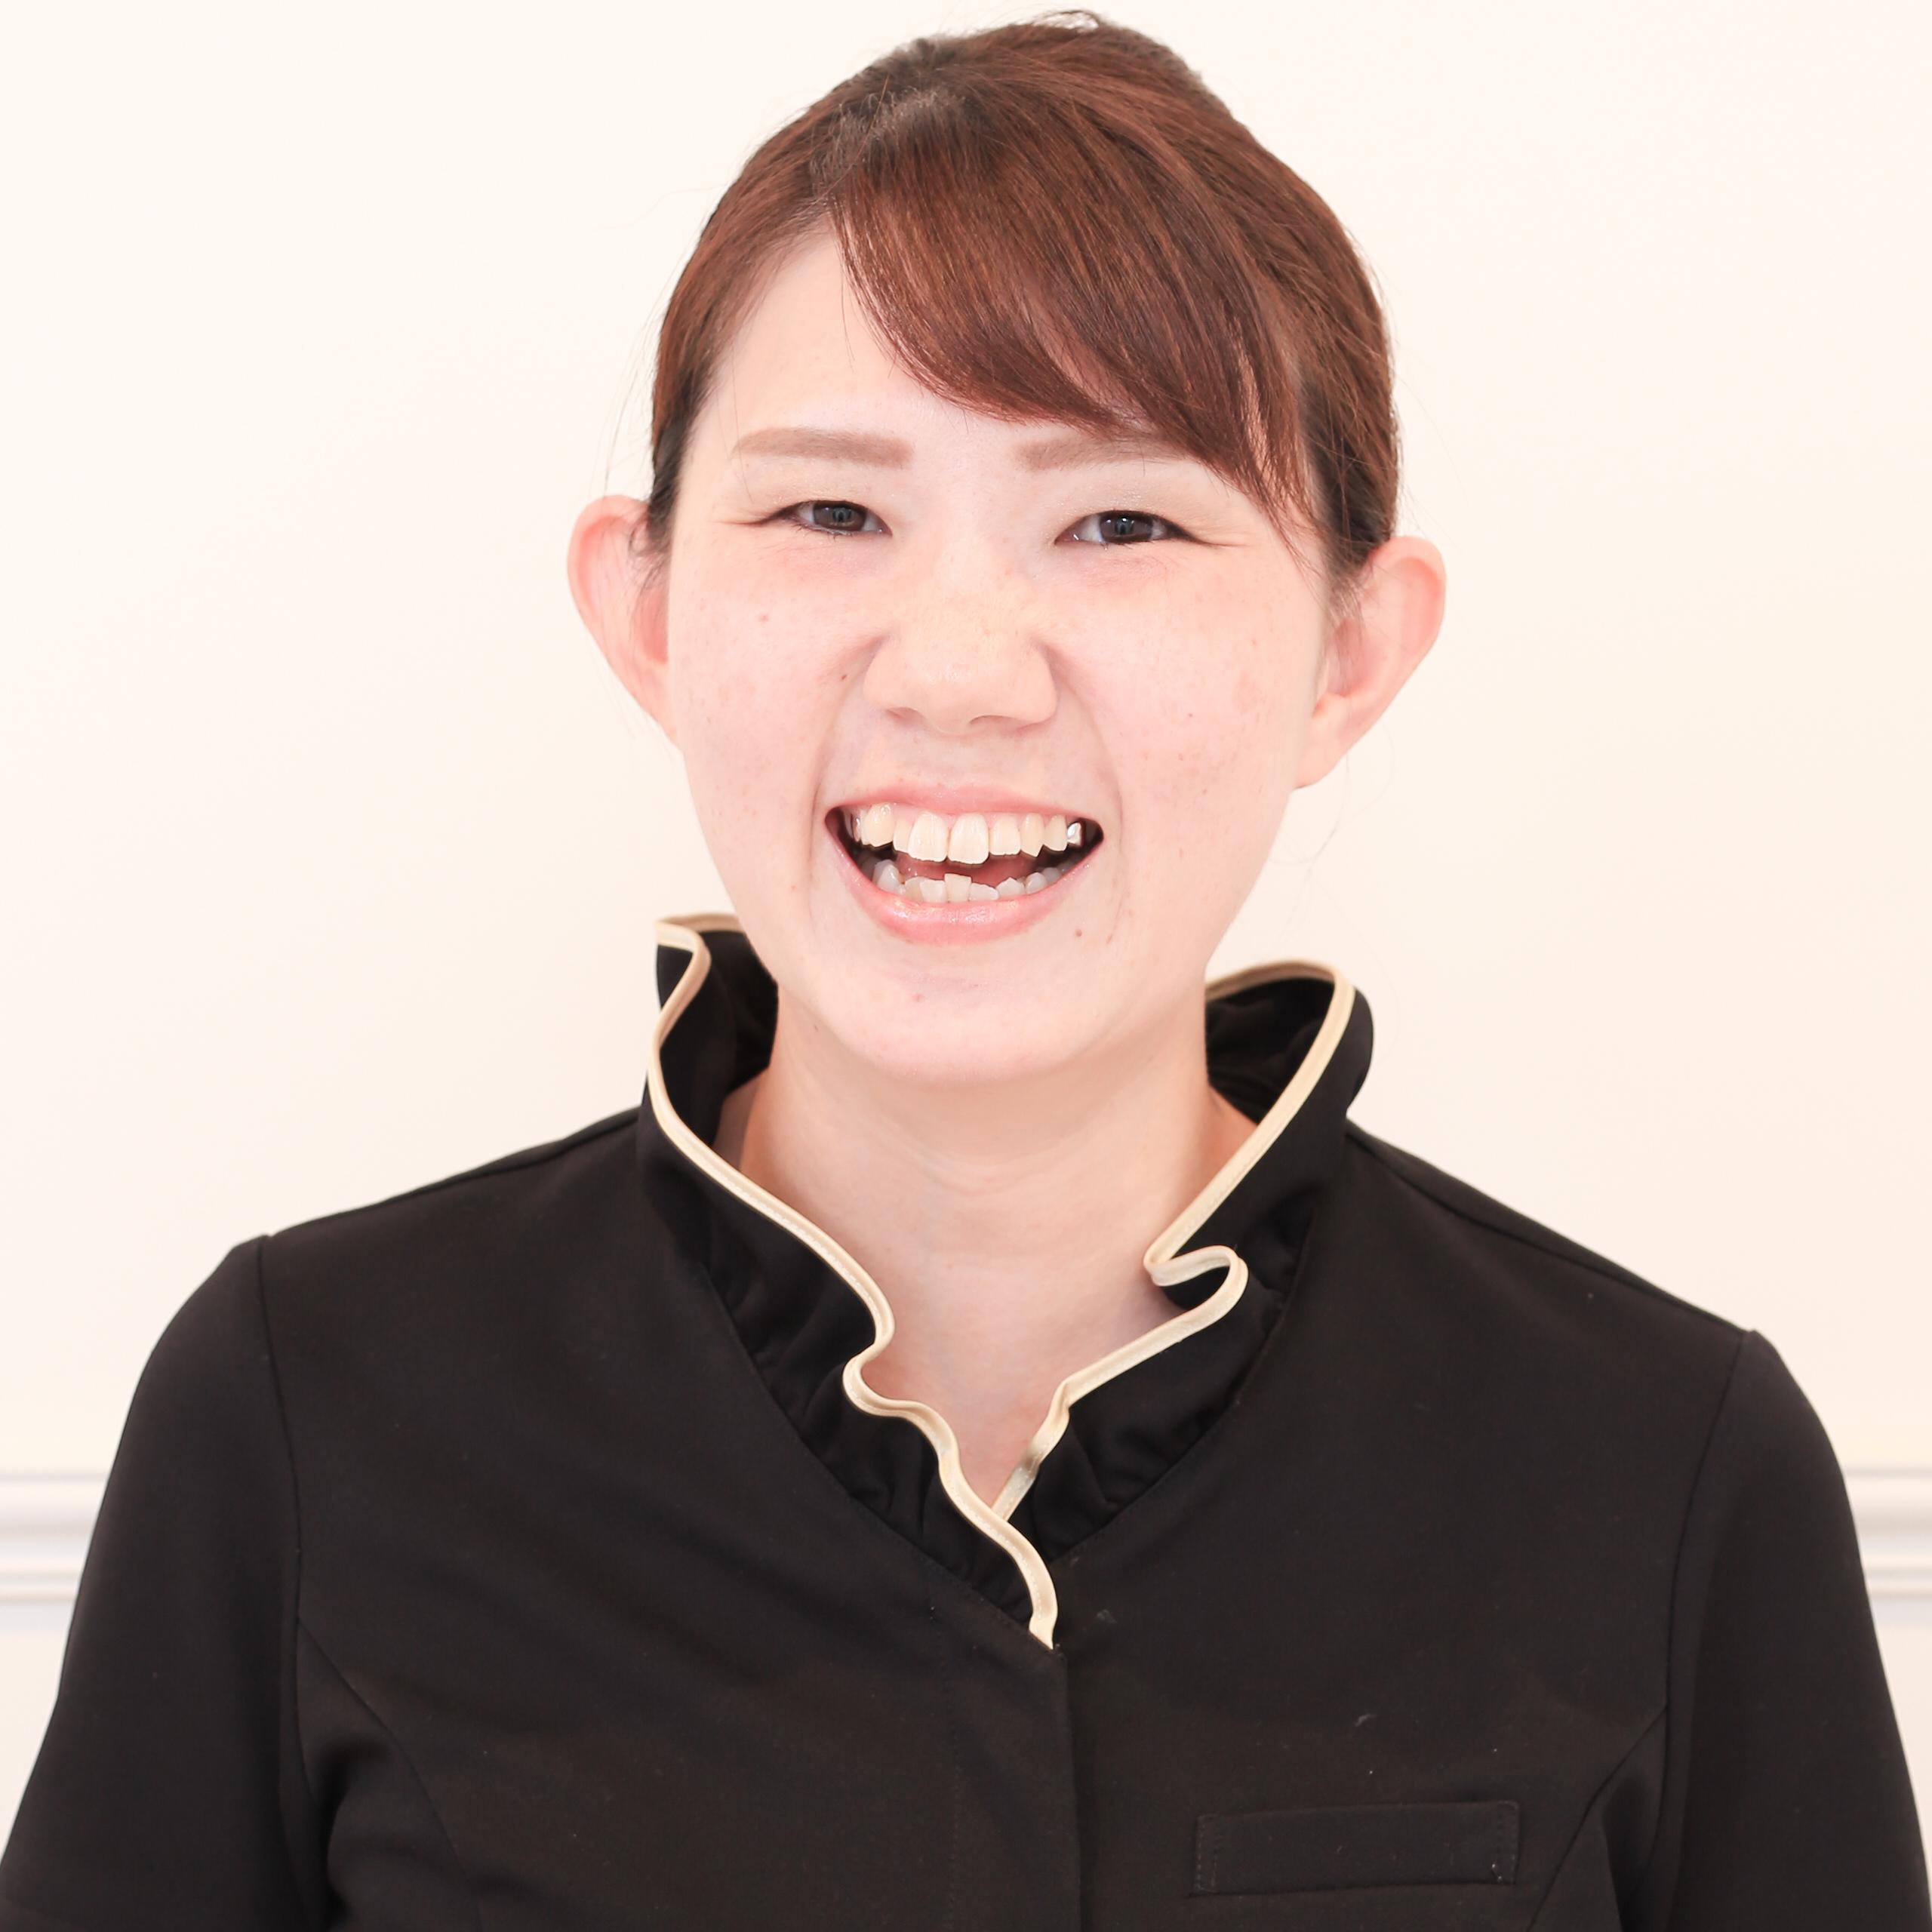 中村 有希(ナカムラ ユウキ)